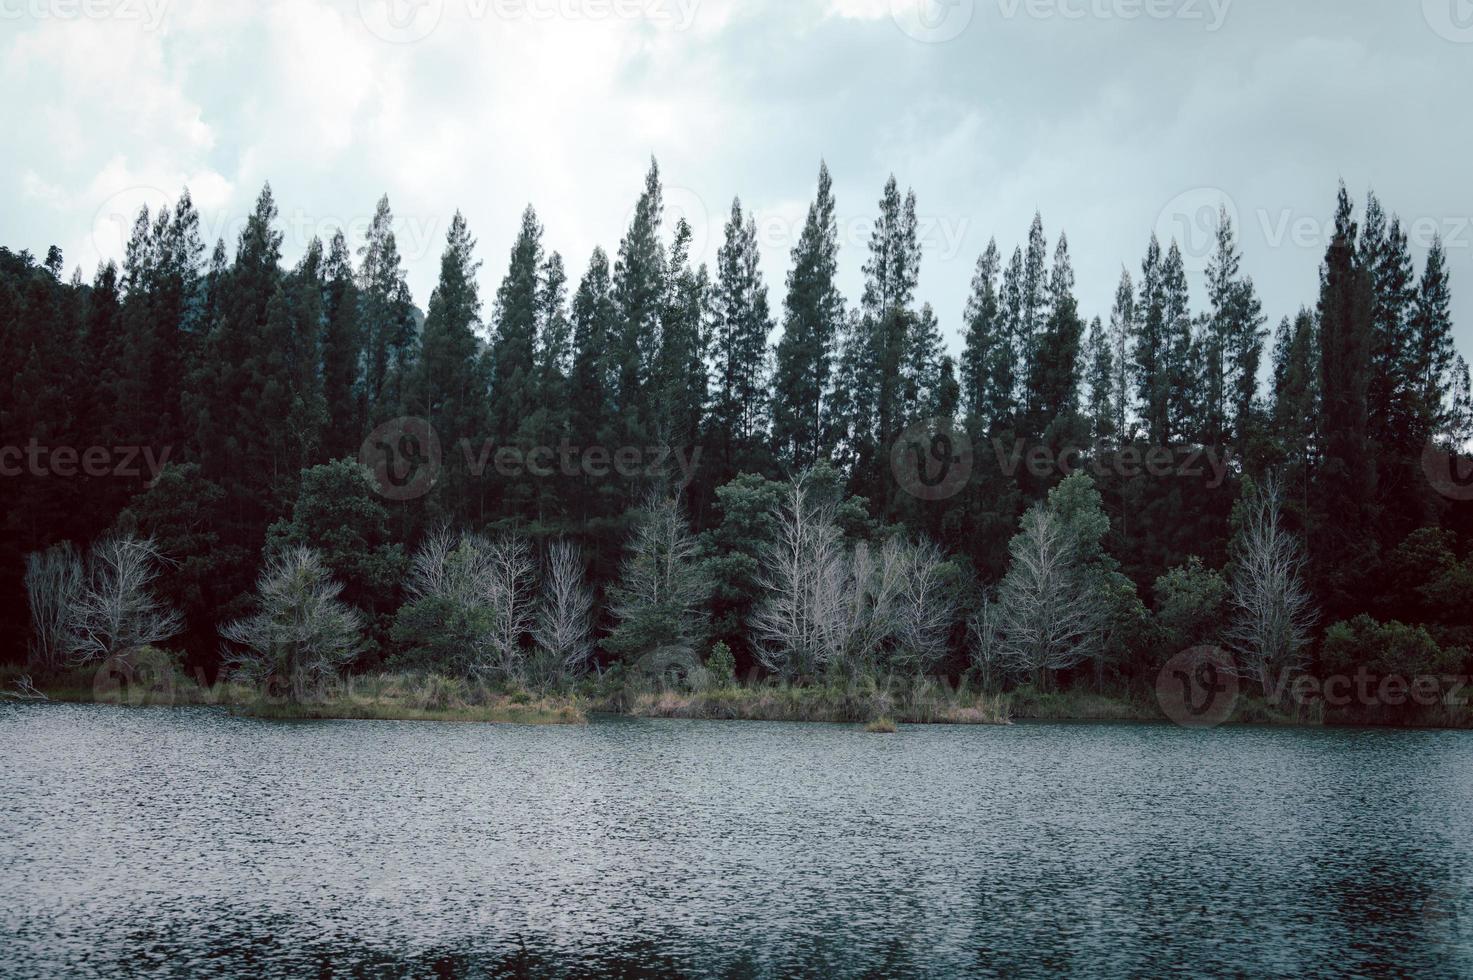 lago e floresta de pinheiros no parque público de liwong, chana, songkhla, Tailândia foto